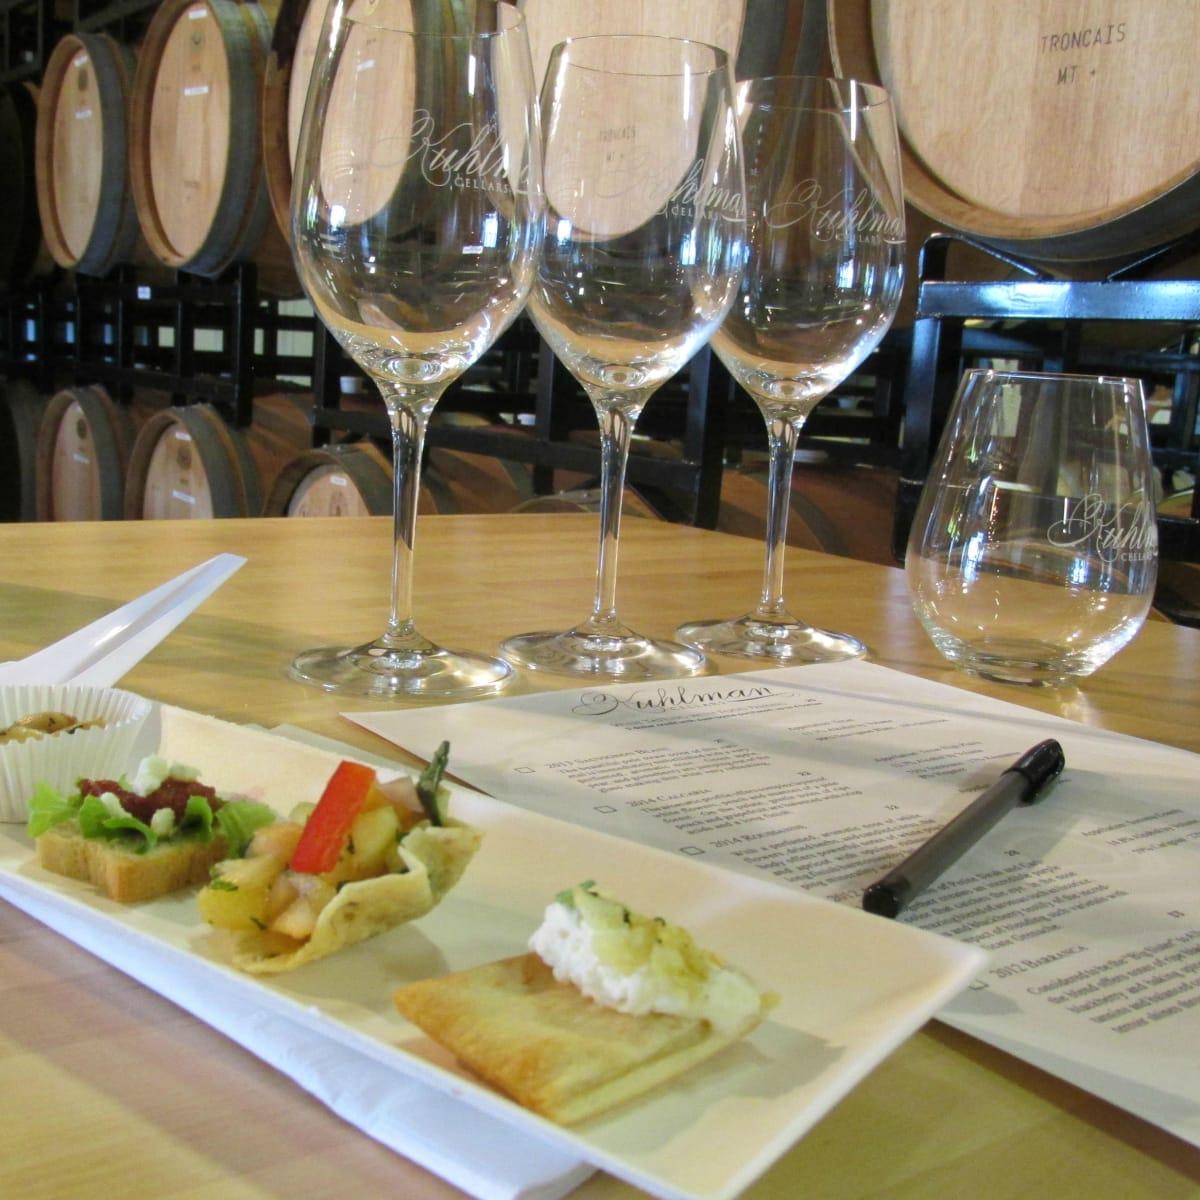 Kuhlman Cellars tasting room wine glasses 2015